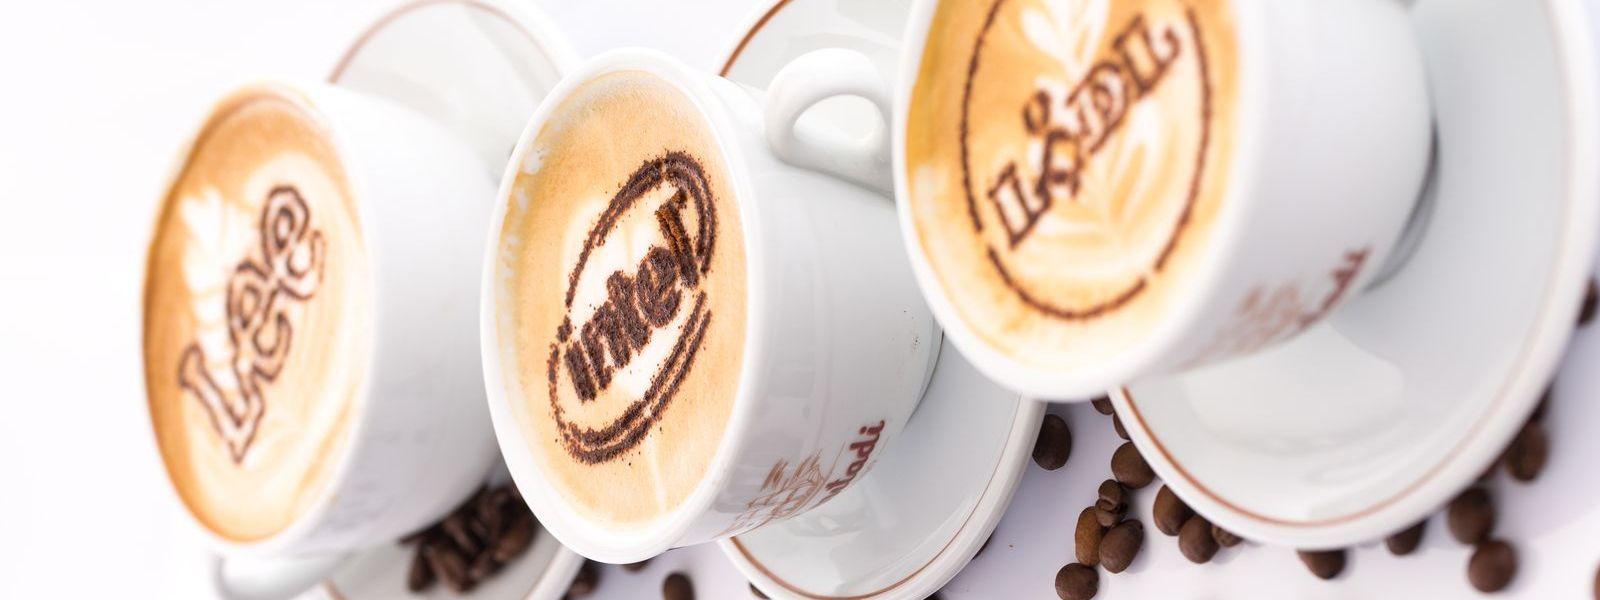 Filiżanki kawy z wzorem z cynamonu